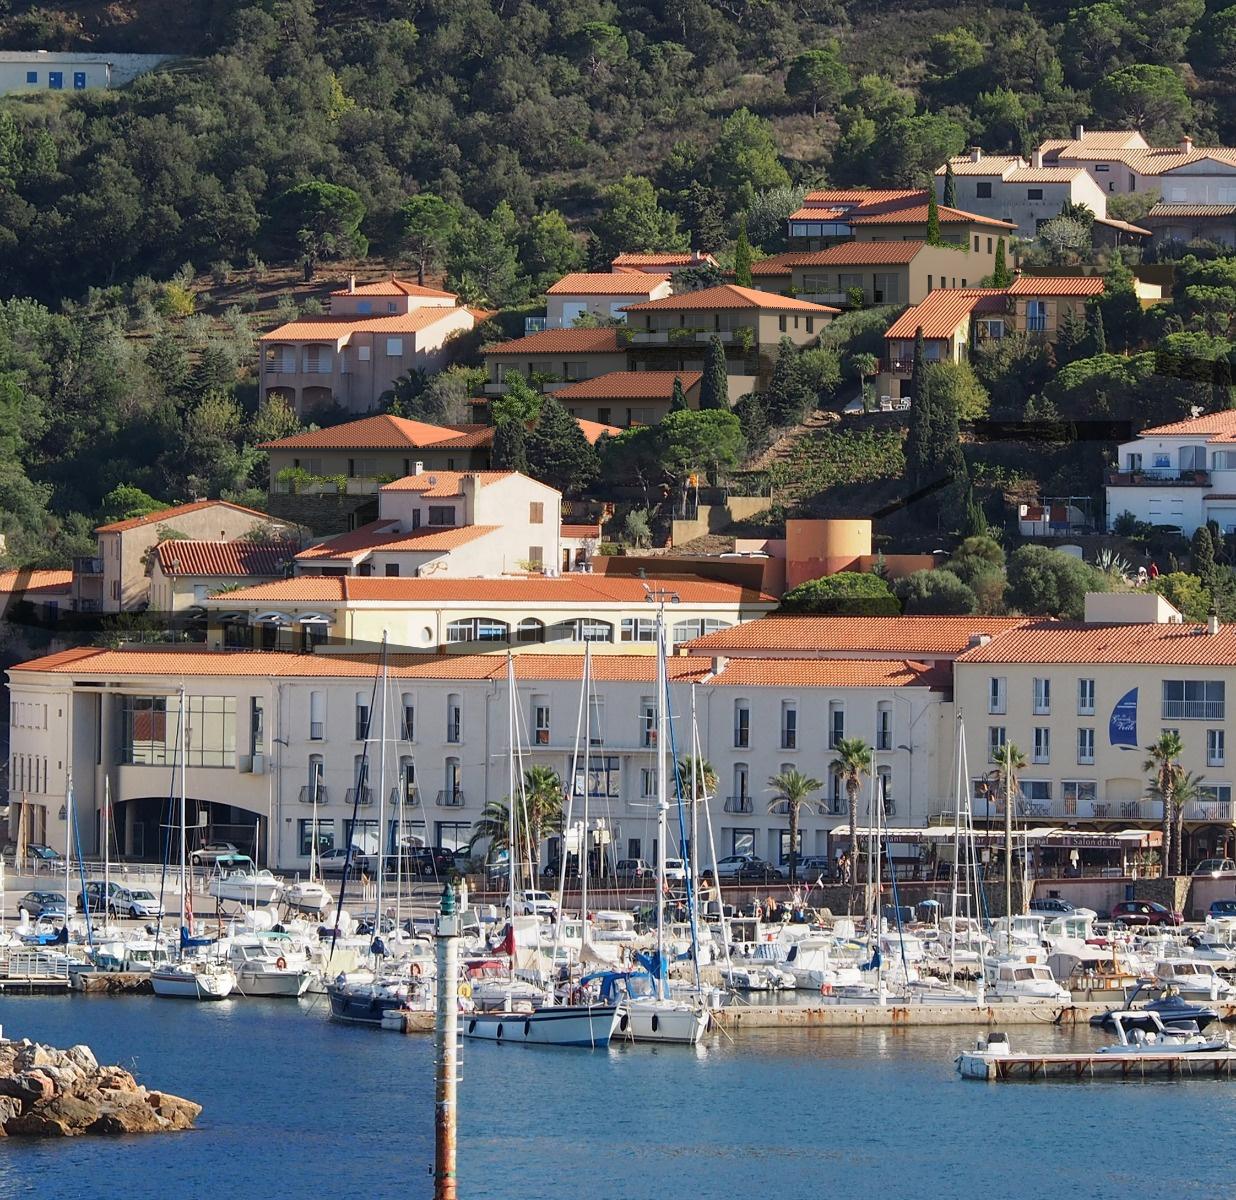 Vente appartement t2 grage terrasse vue mer et montagne for Terrasses en vue immobilier